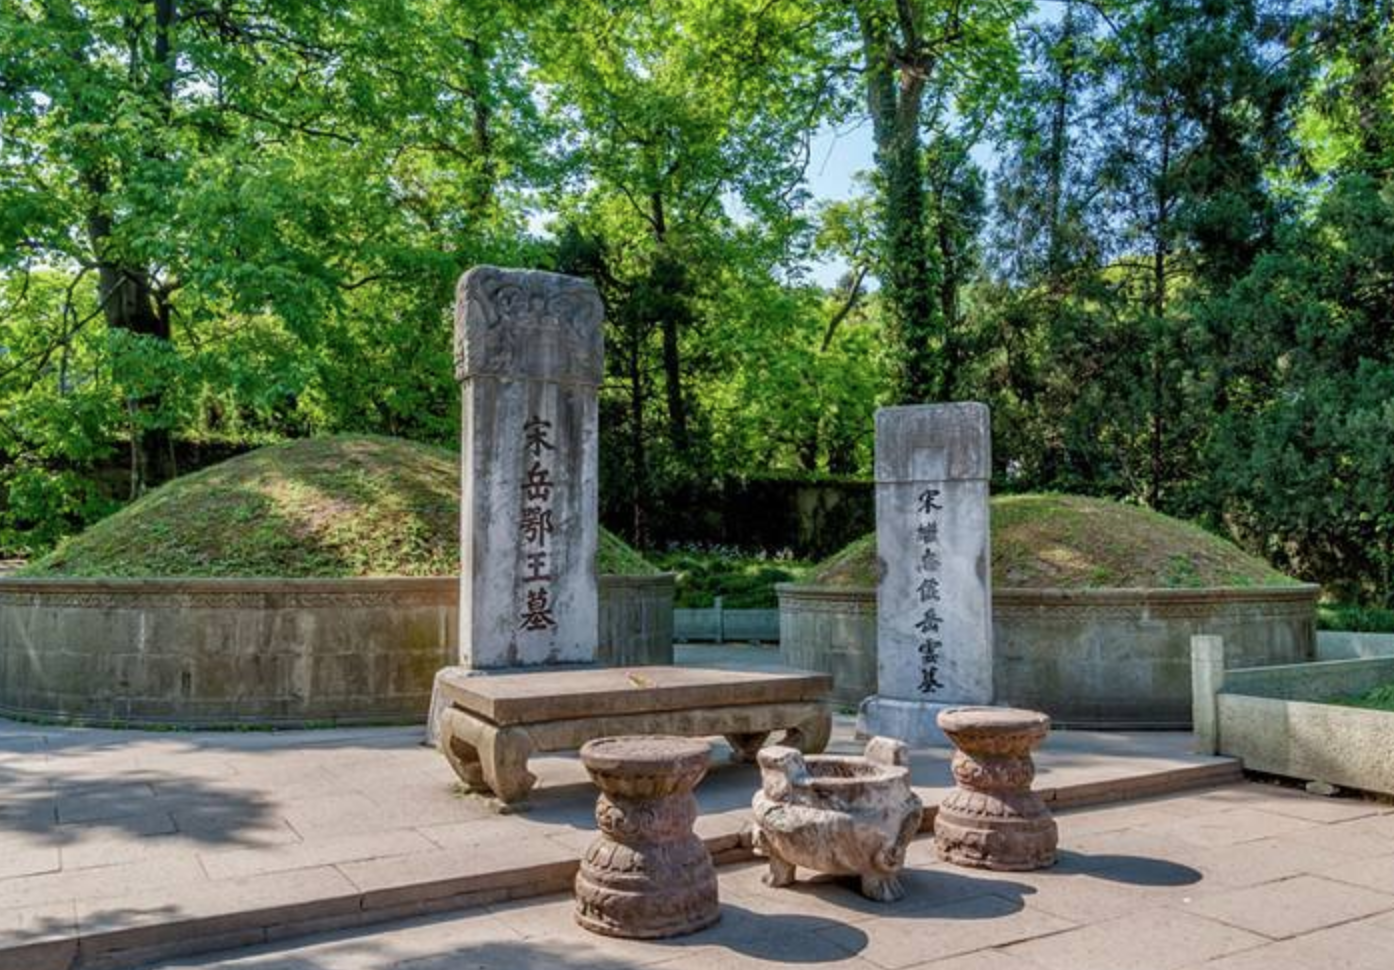 岳飞墓面前跪着五个铜像,除了秦桧夫妇之外,还有三个真小人